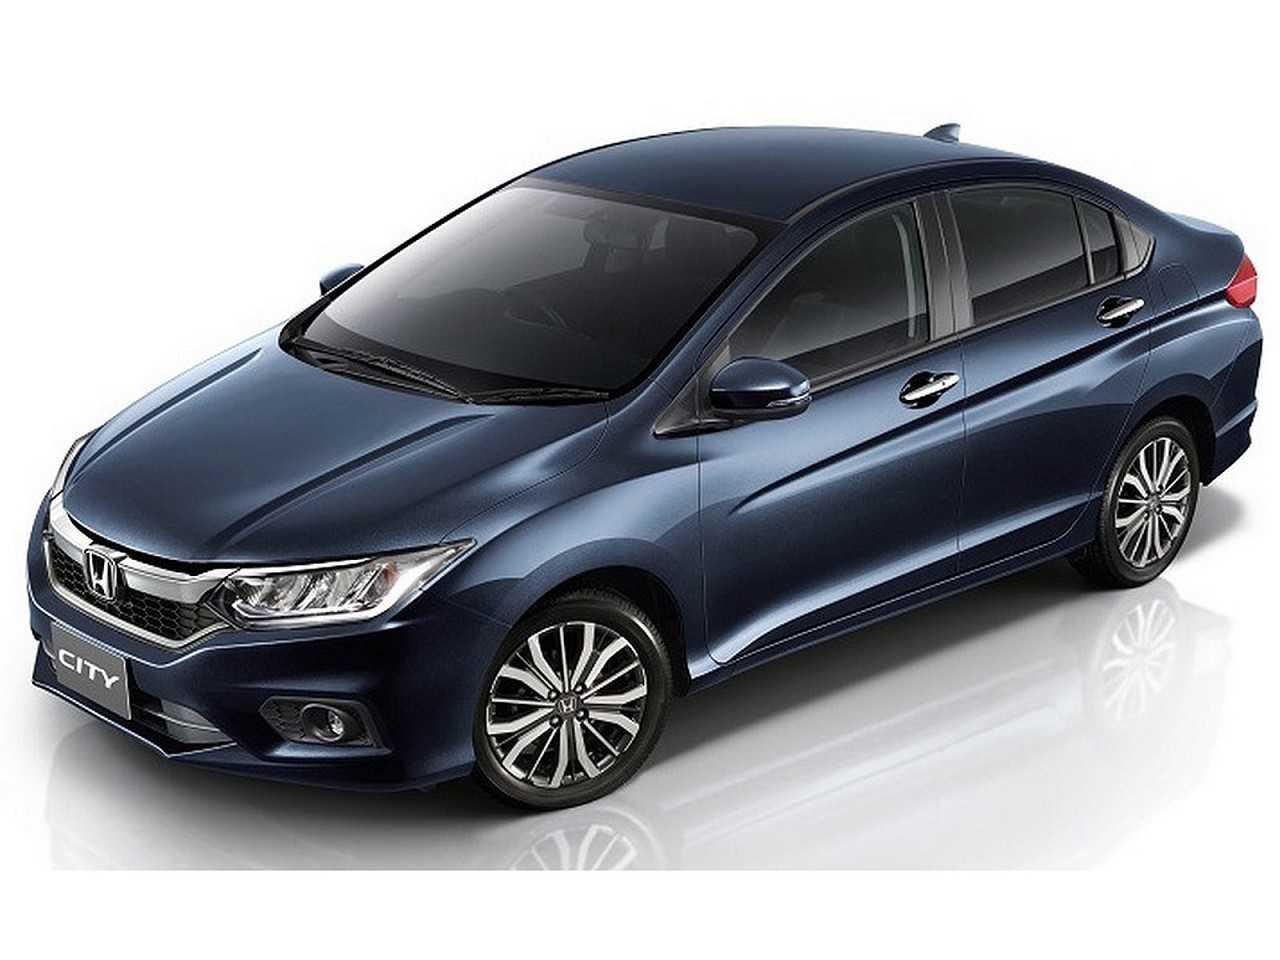 Facelift do Honda City apresentado na Tailândia